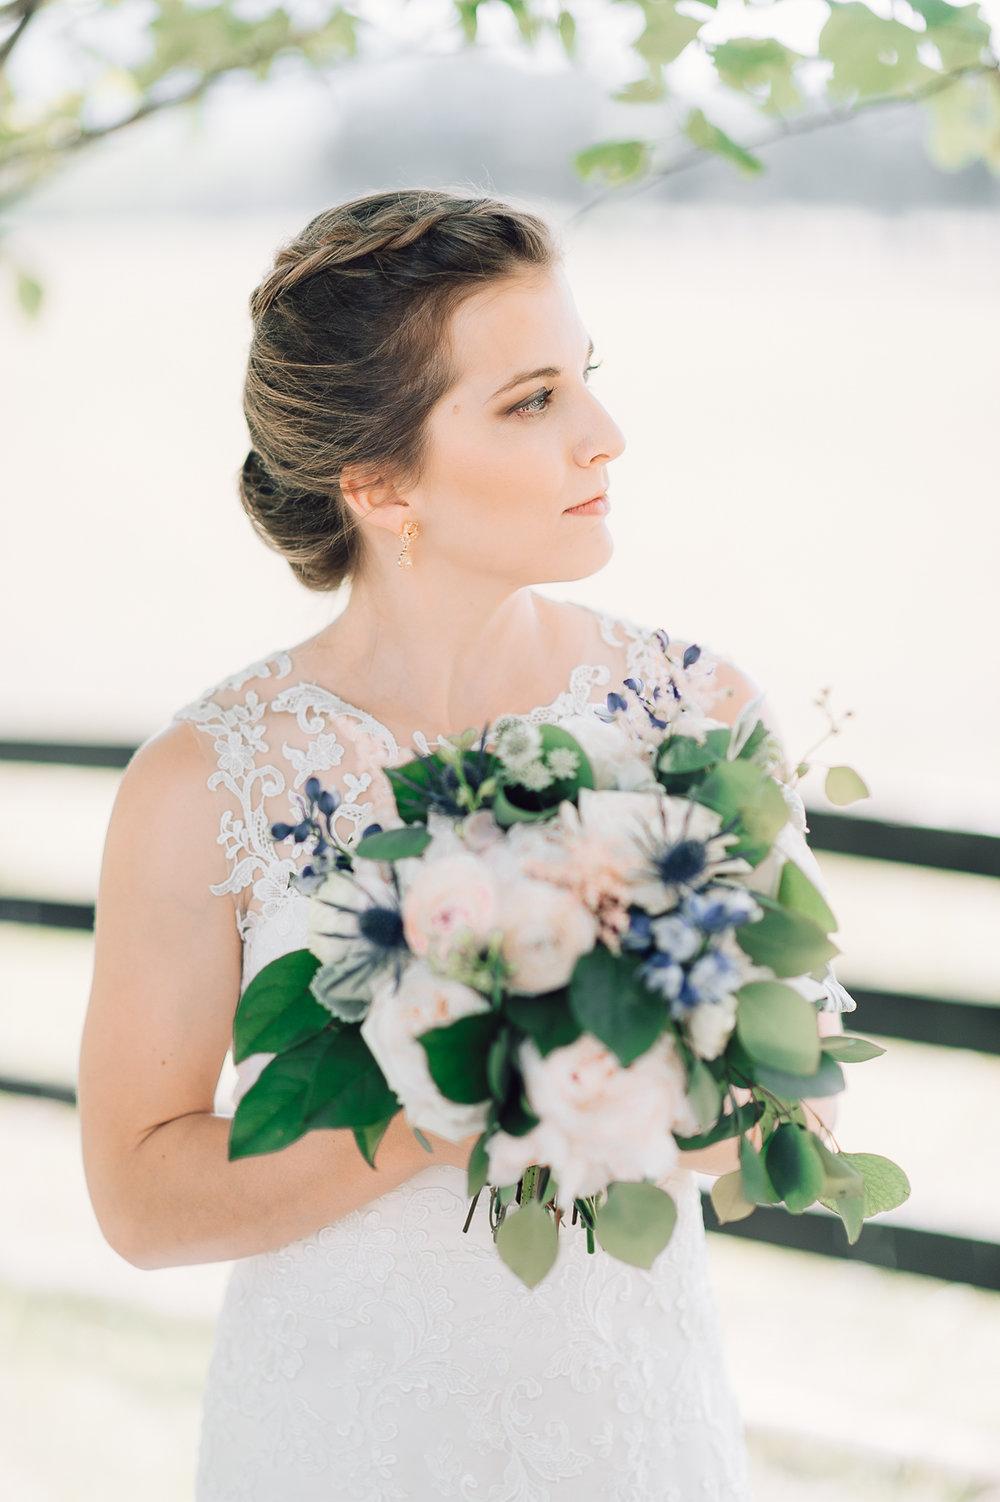 charlottesvillewedding_backyardwedding_virginia_youseephotography_CaitlinDerek (5).jpg